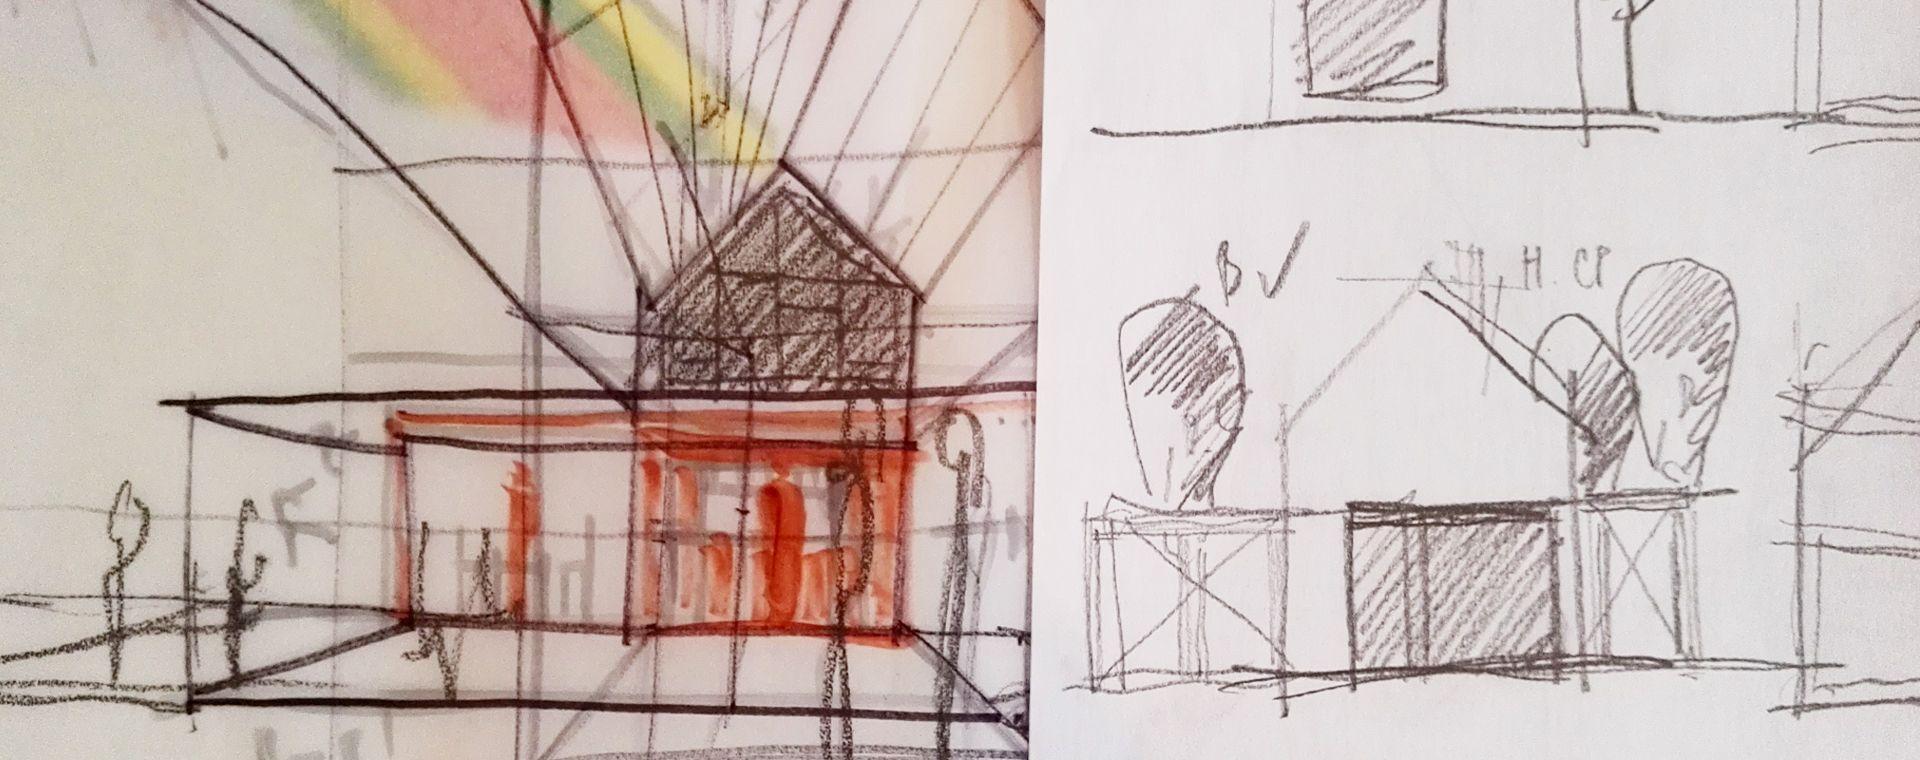 Novostavba rodinného domu do Žďáru nad Sázavou, 2017-2018, CZ